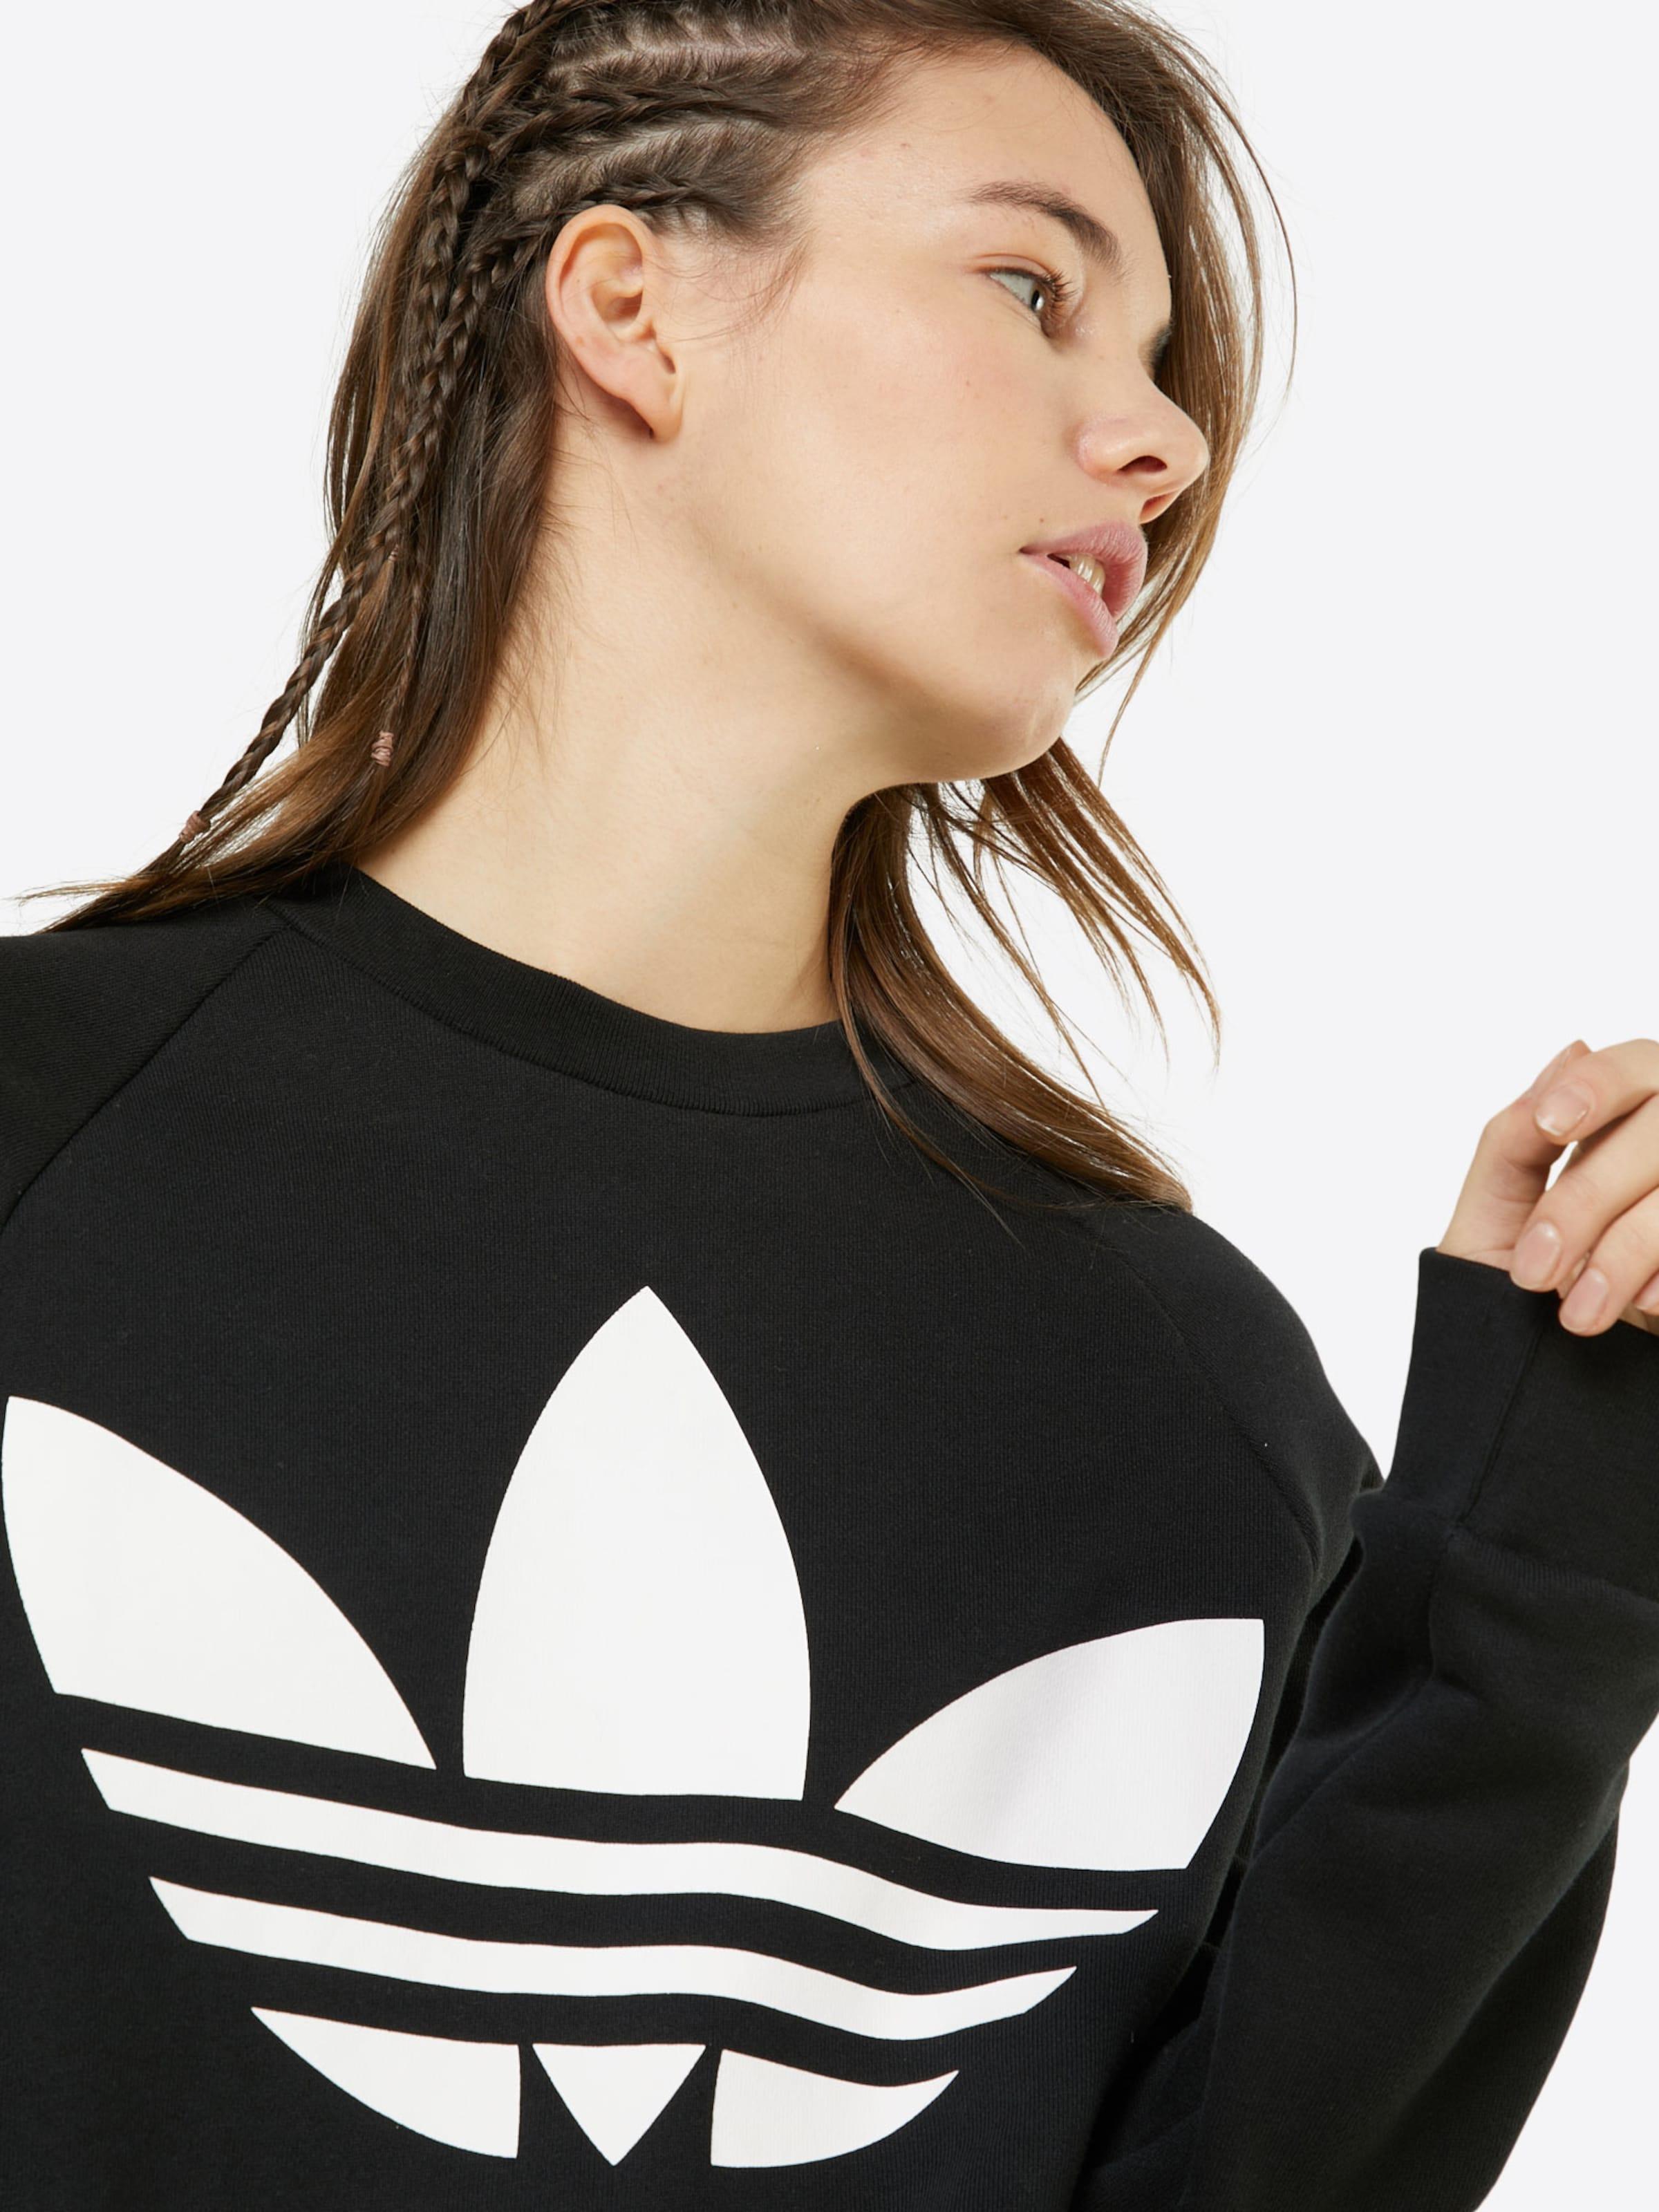 ADIDAS ORIGINALS Oversize Sweatshirt Rabatt Veröffentlichungstermine Freies Verschiffen Outlet-Store mpAD4P5j